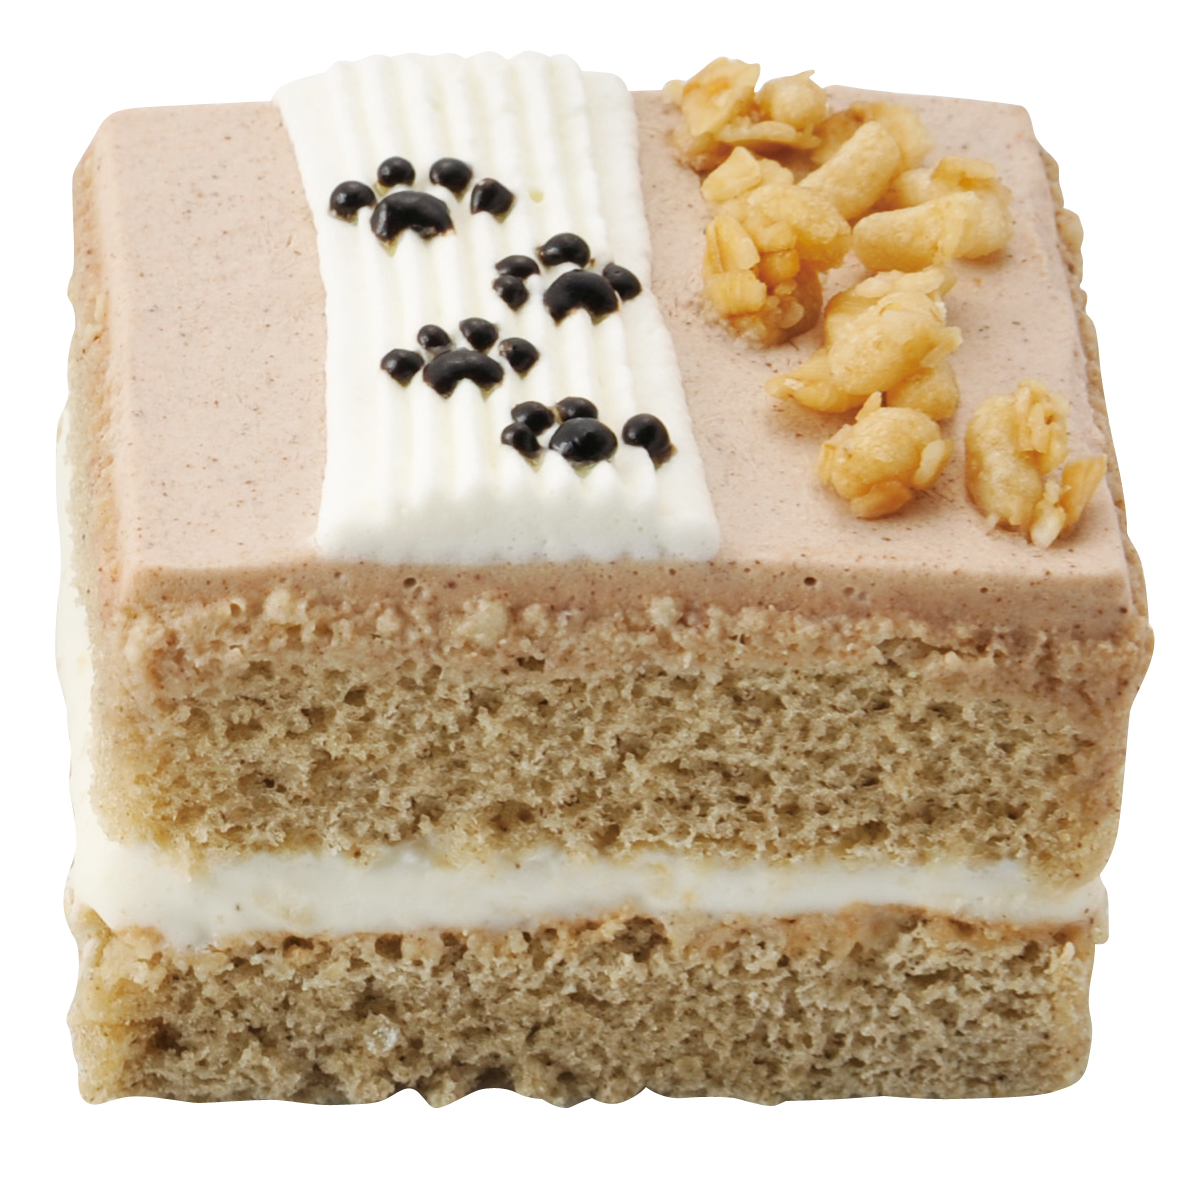 オーガニック素材のペット用ケーキ 冷凍商品 国産 買い取り ペット用 オーガニックケーキ アサイーフレーバーケーキ 記念日 誕生日 猫 直営限定アウトレット オーガニック ケーキ 犬